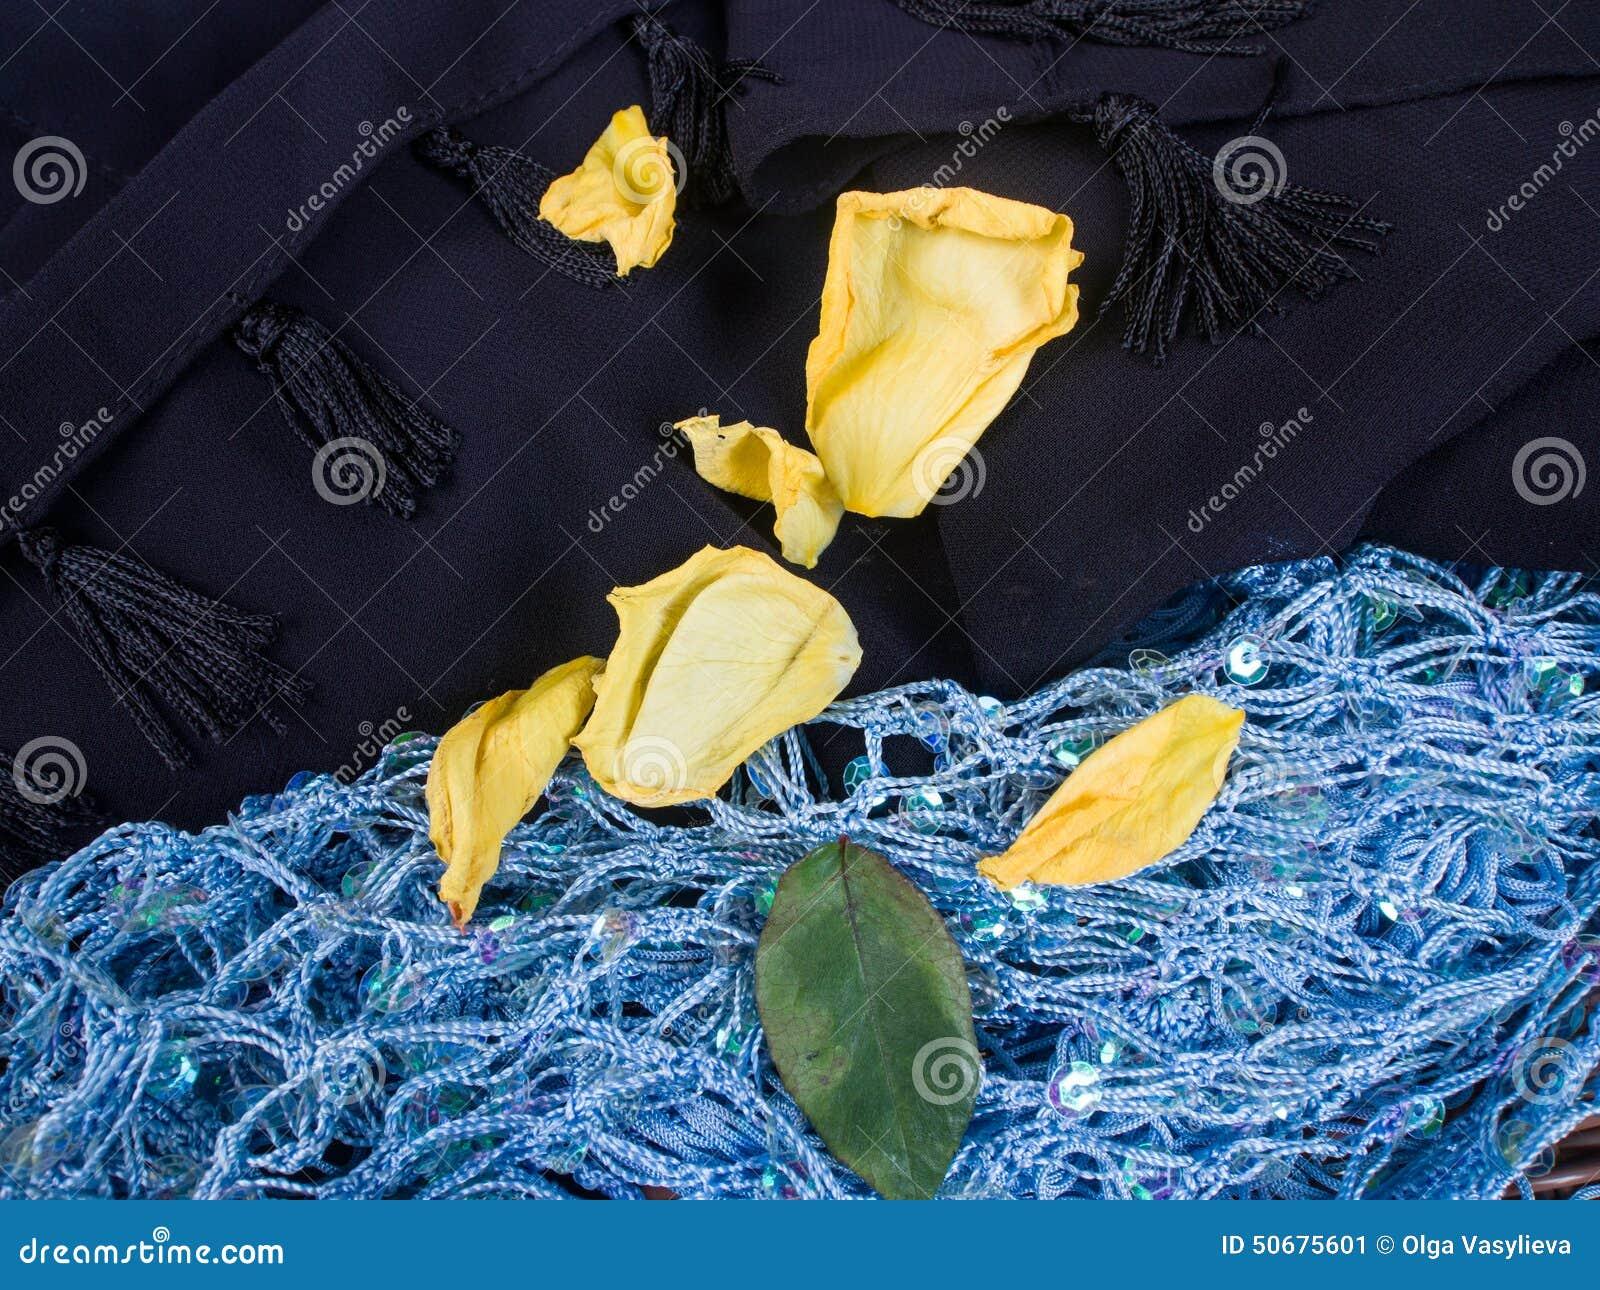 Download 黑和蓝色围巾 库存图片. 图片 包括有 蓝色, 纹理, 模式, 衣物, 葡萄酒, 结构, 围巾, 风土化 - 50675601